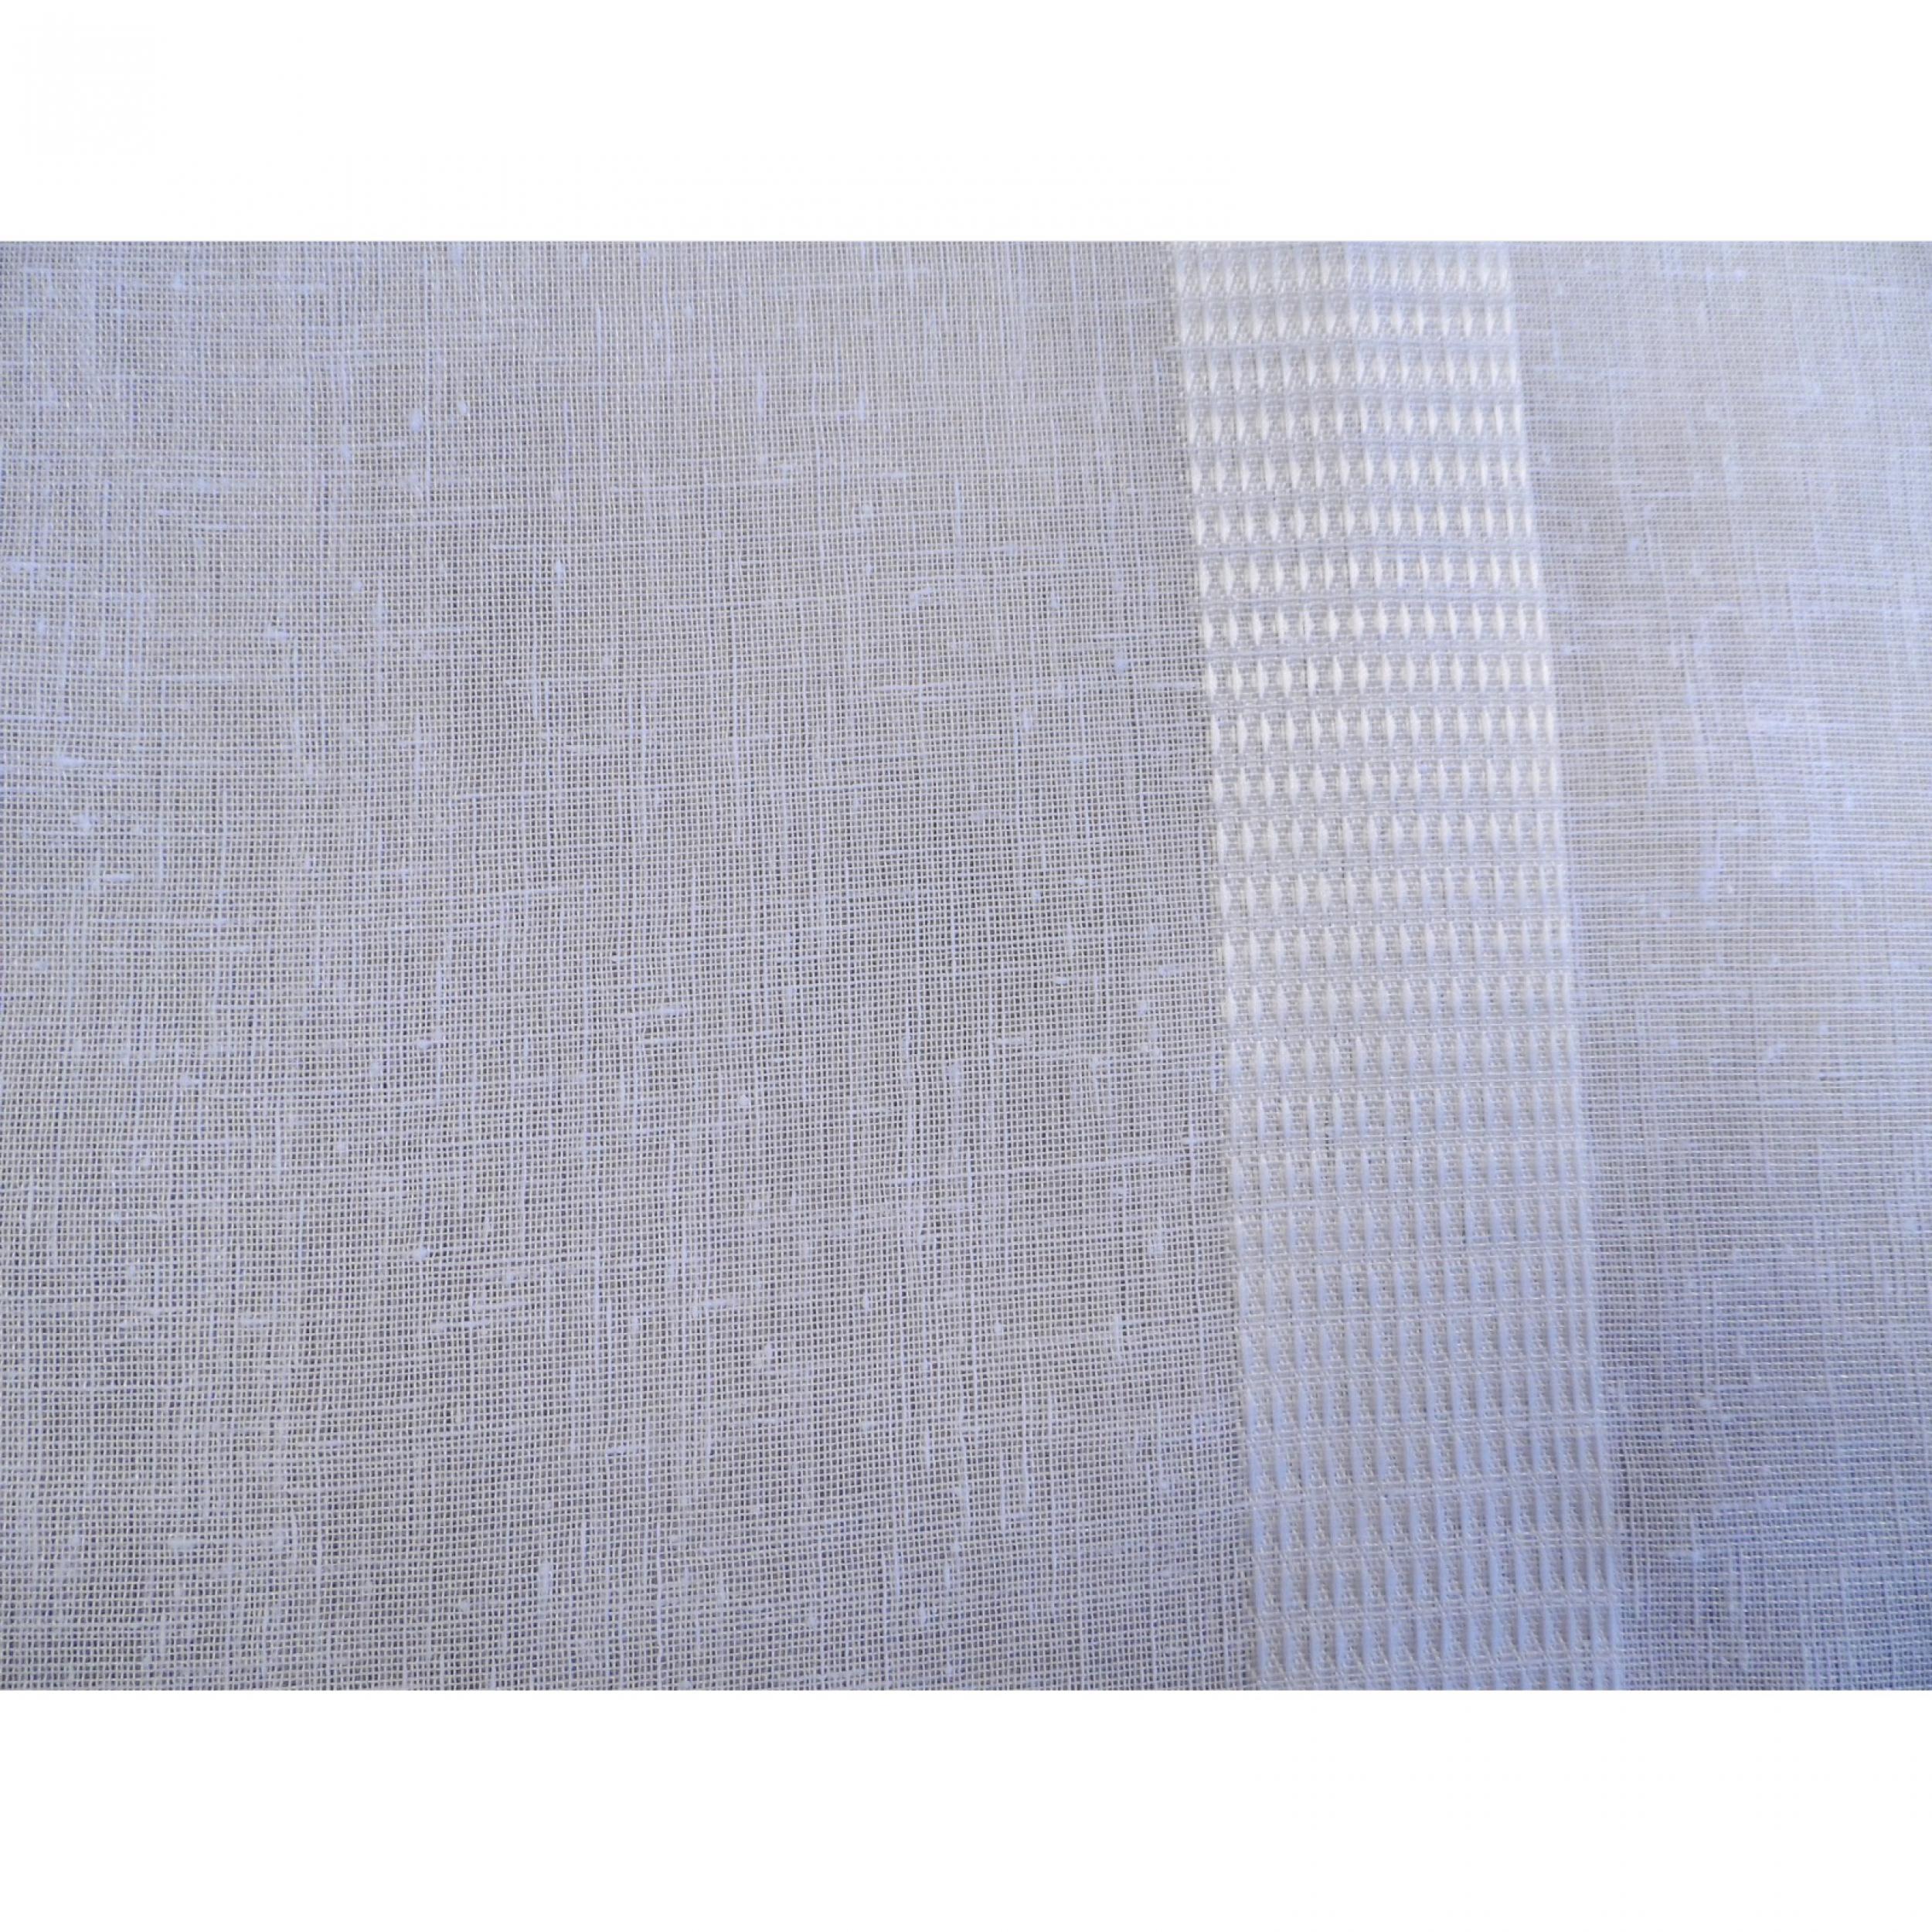 Voile au m tre blanc avec rayure ton sur ton en grande hauteur 300 cm l 39 atelier de la toile - Rideaux grande hauteur 300 ...